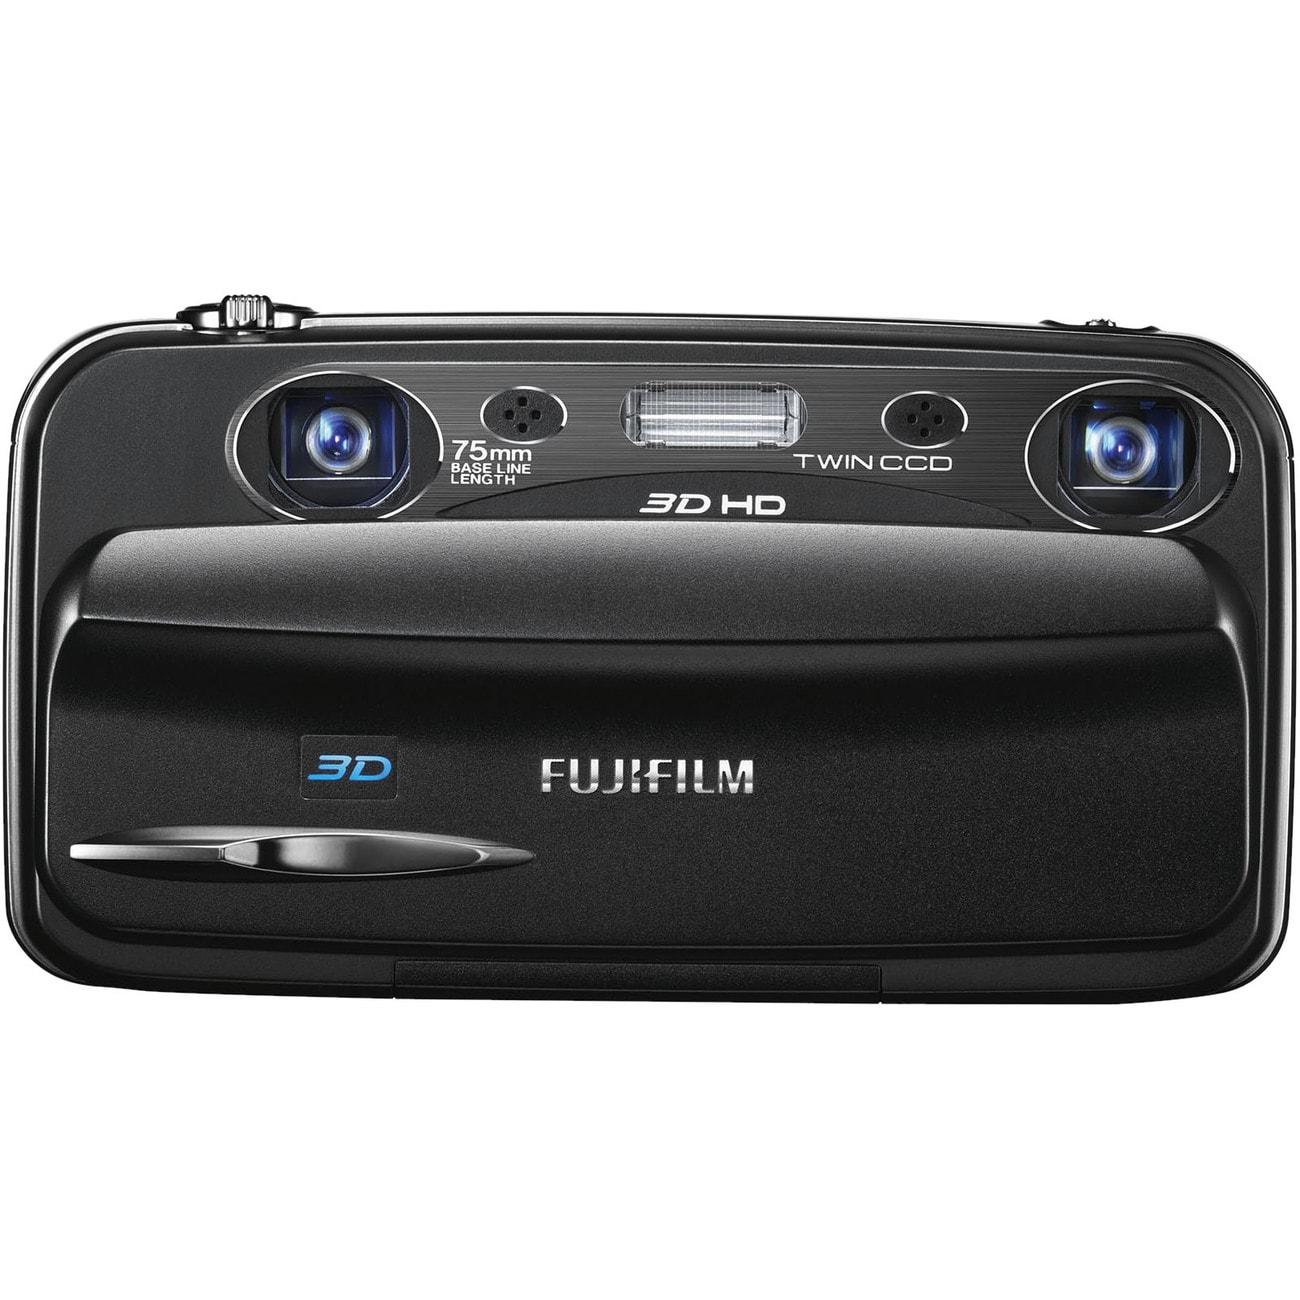 Fujifilm FinePix W3 10MP Black 3D Digital Camera